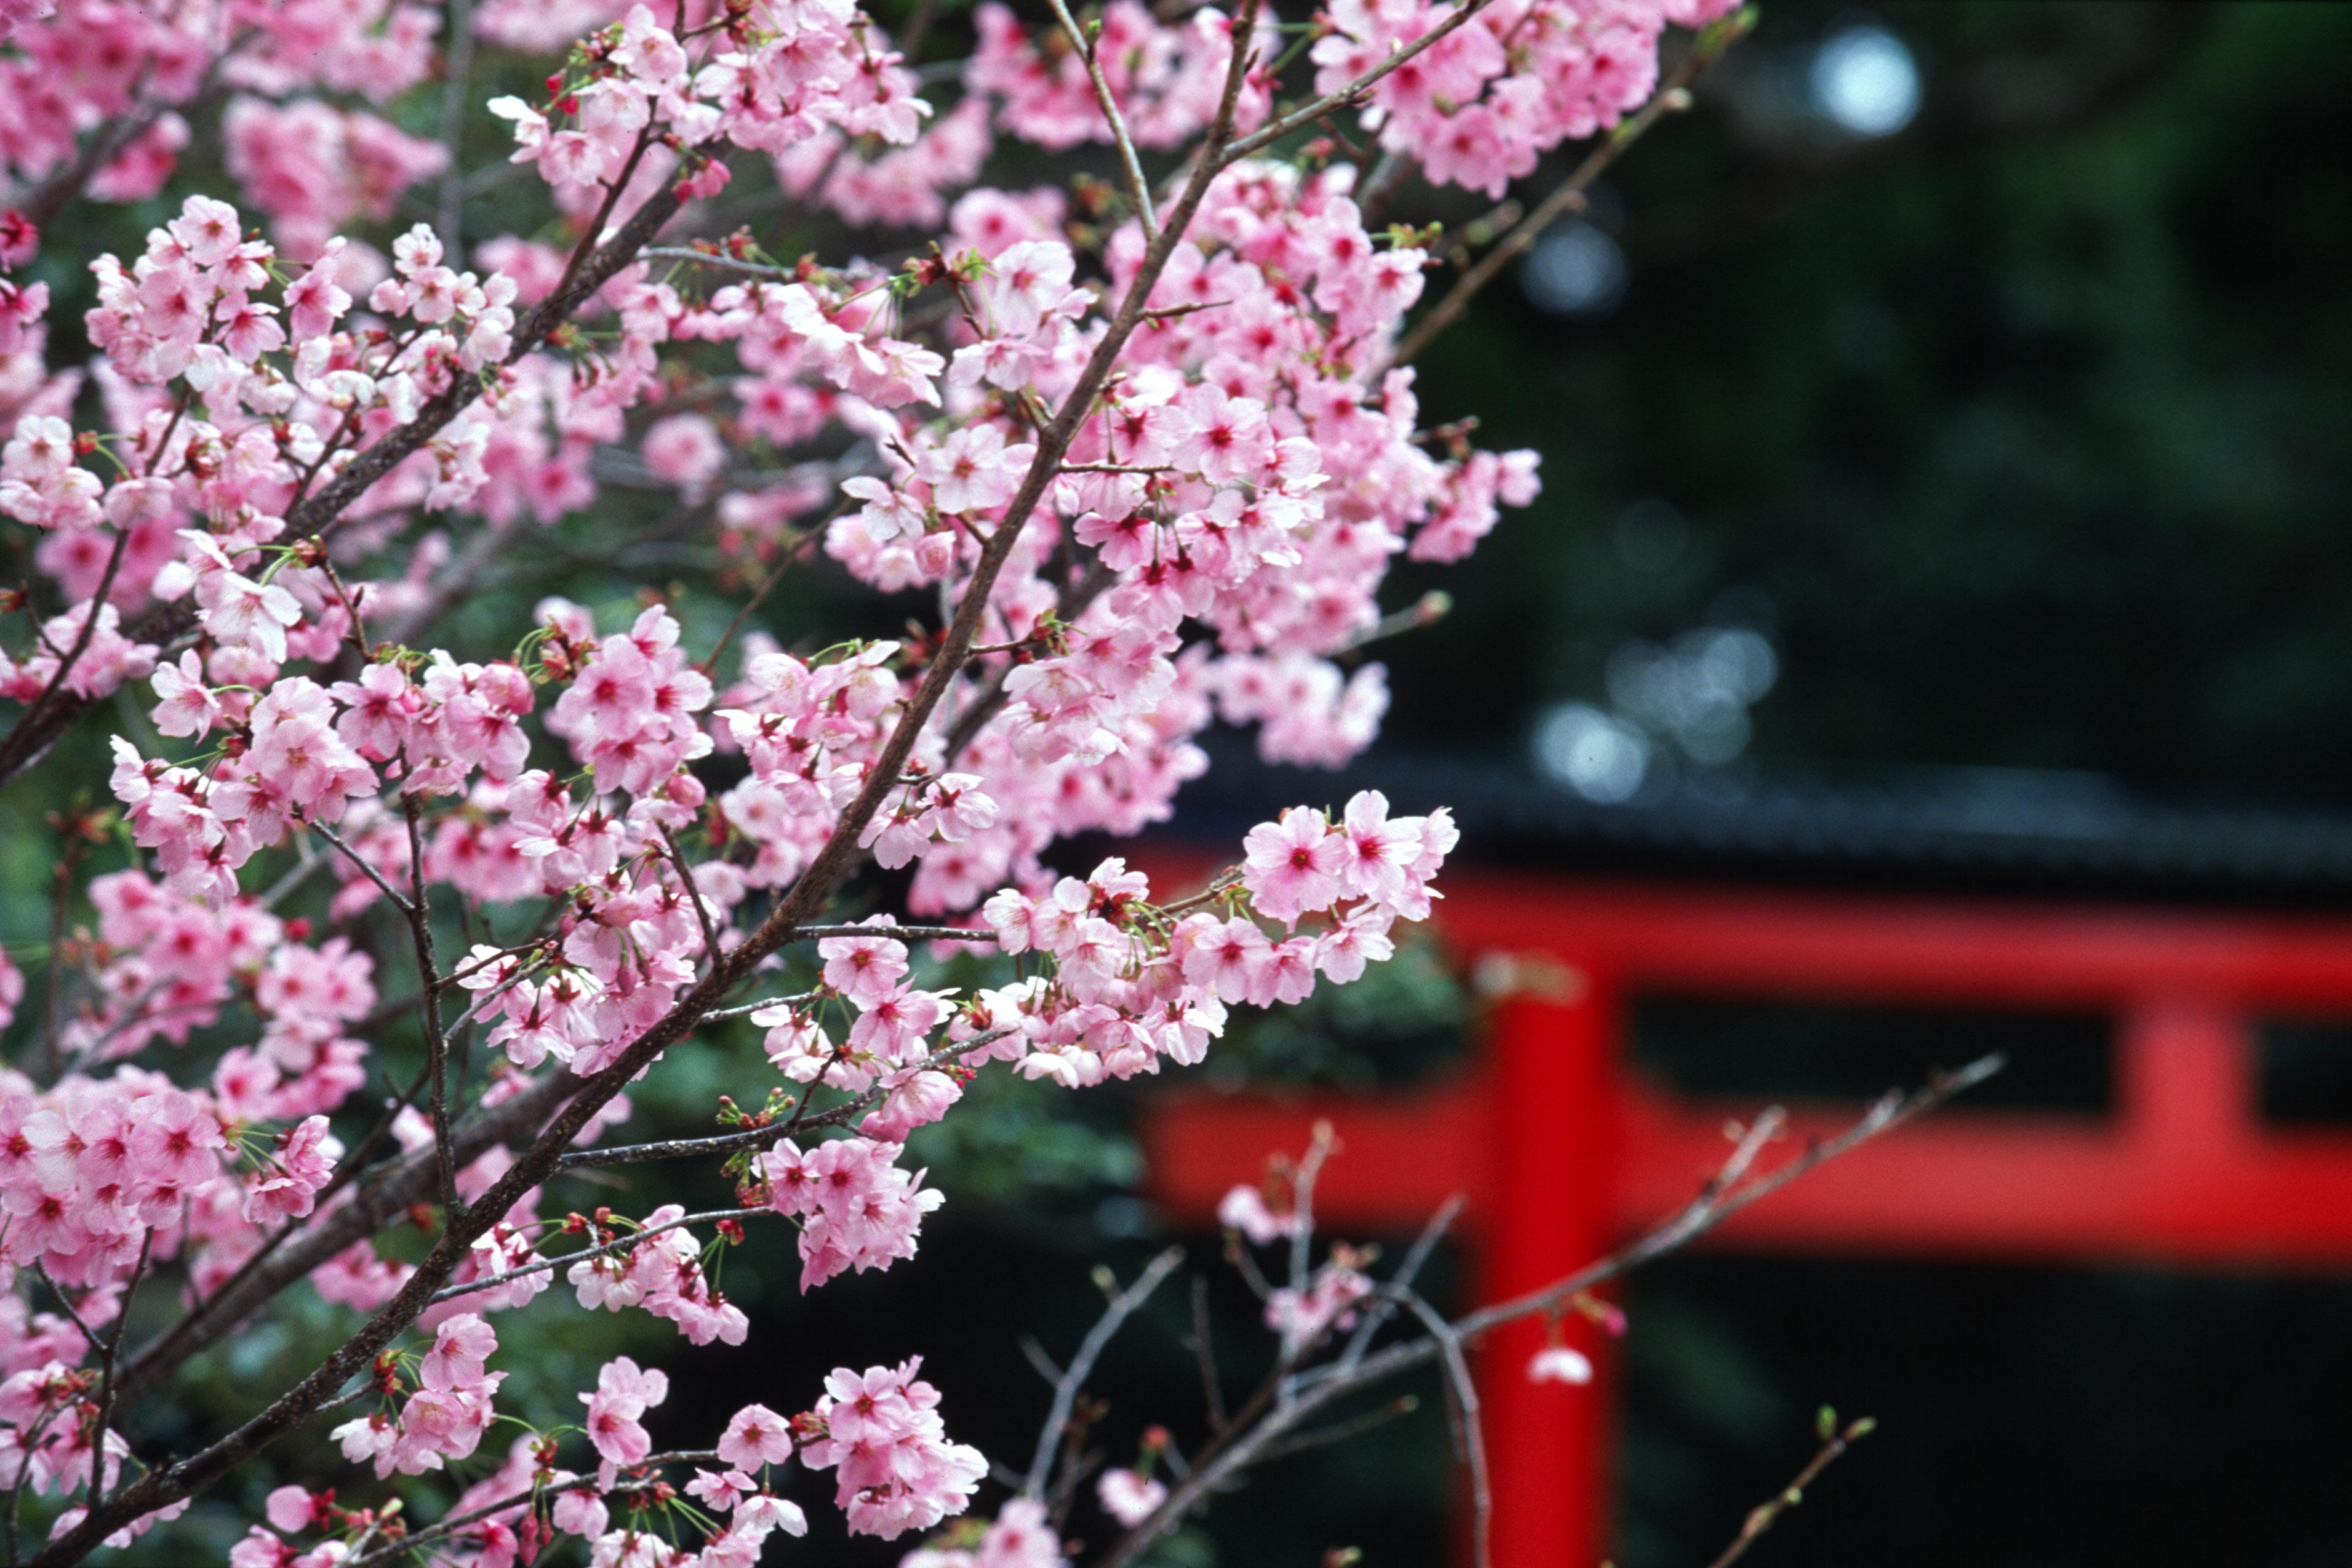 Hanoï : Fête des fleurs de cerisier japonais 2019